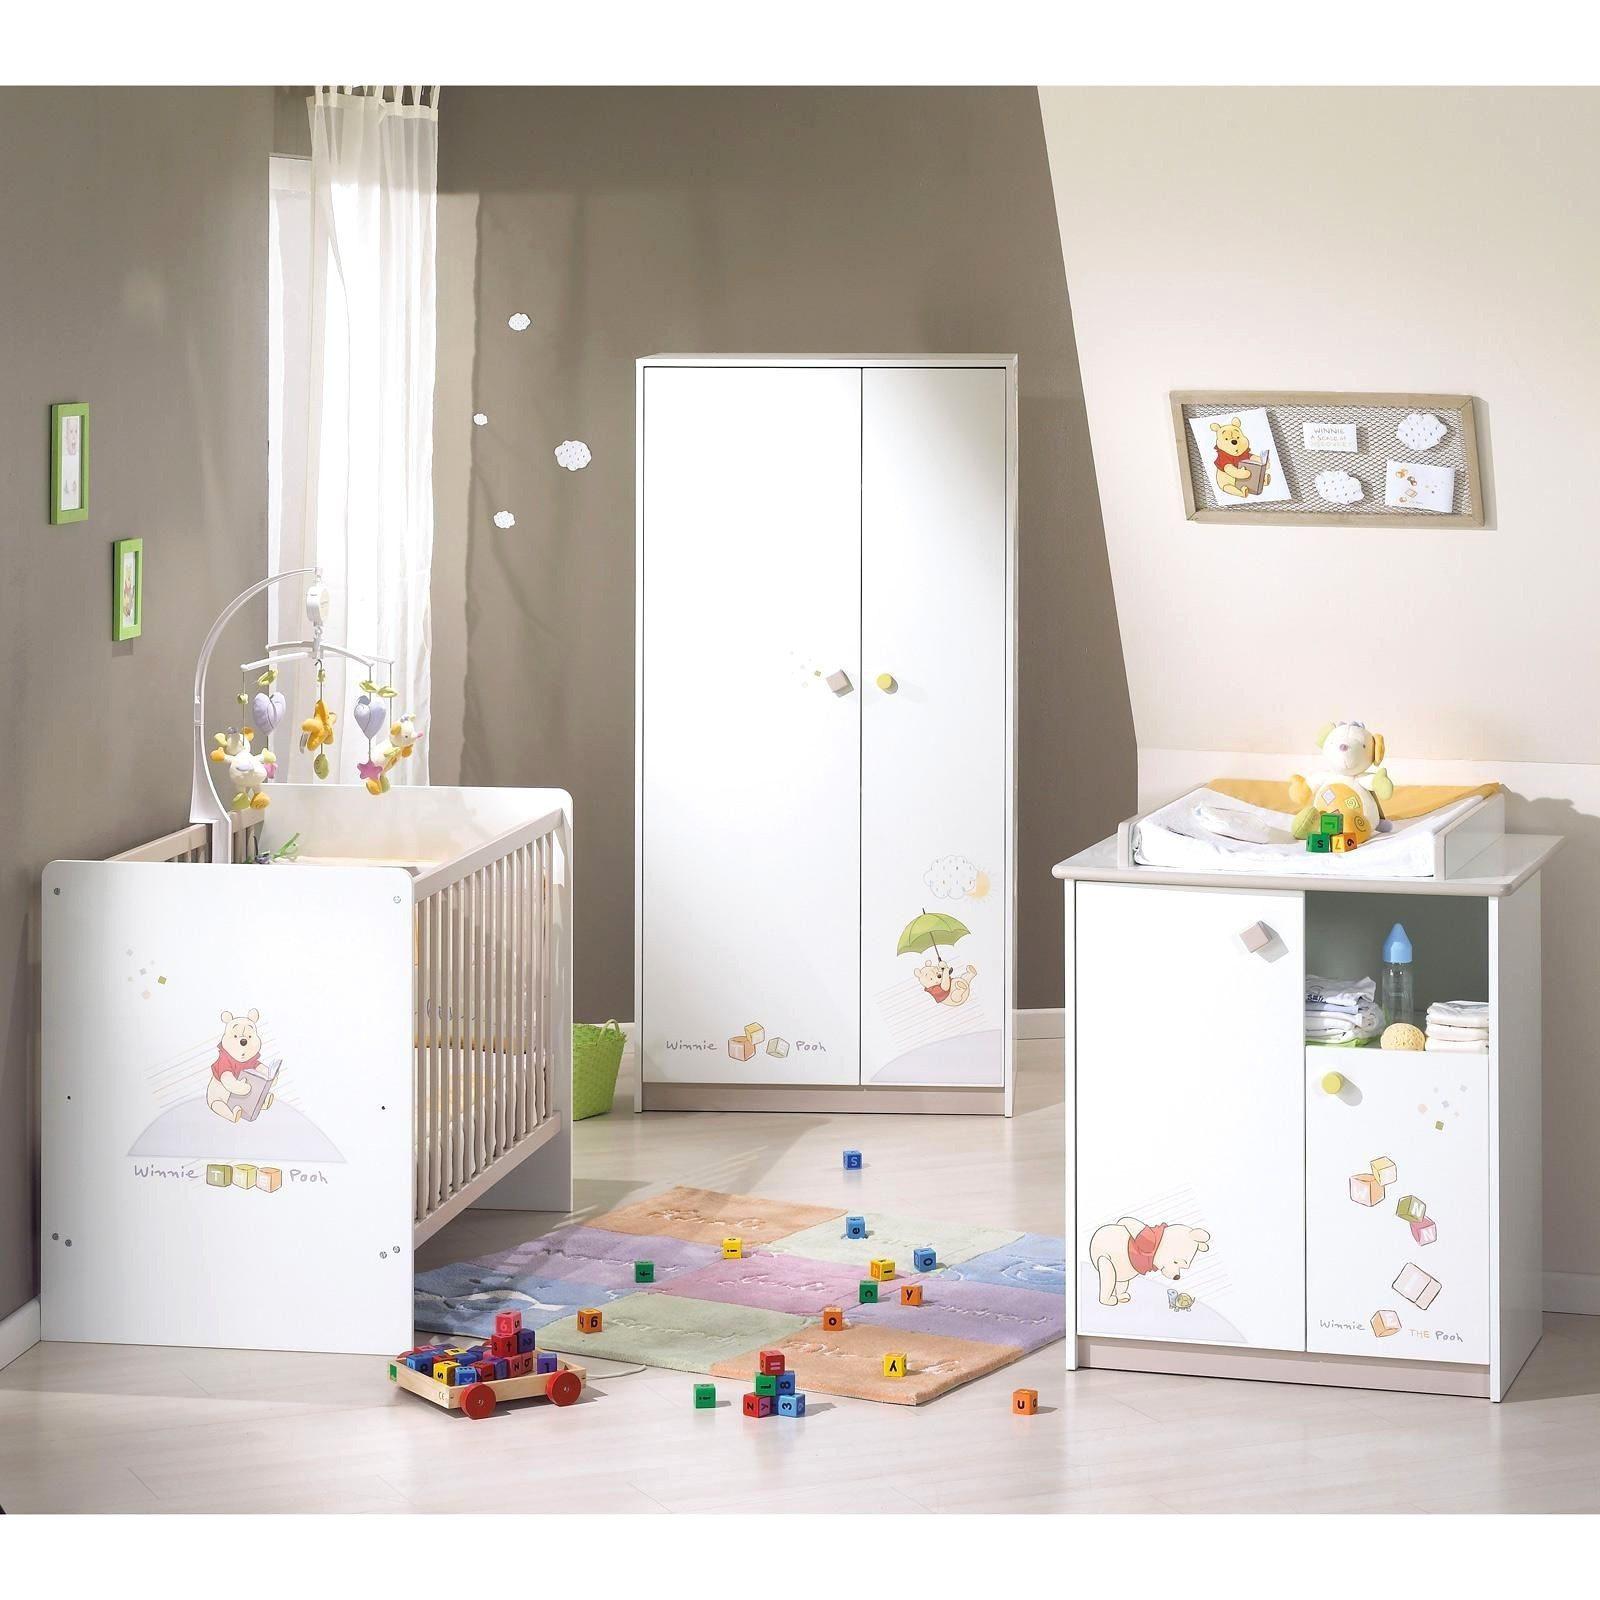 Magasin Lit Enfant Nouveau Meuble Chambre Garcon Meuble Chambre Adulte Design Chambre Enfant